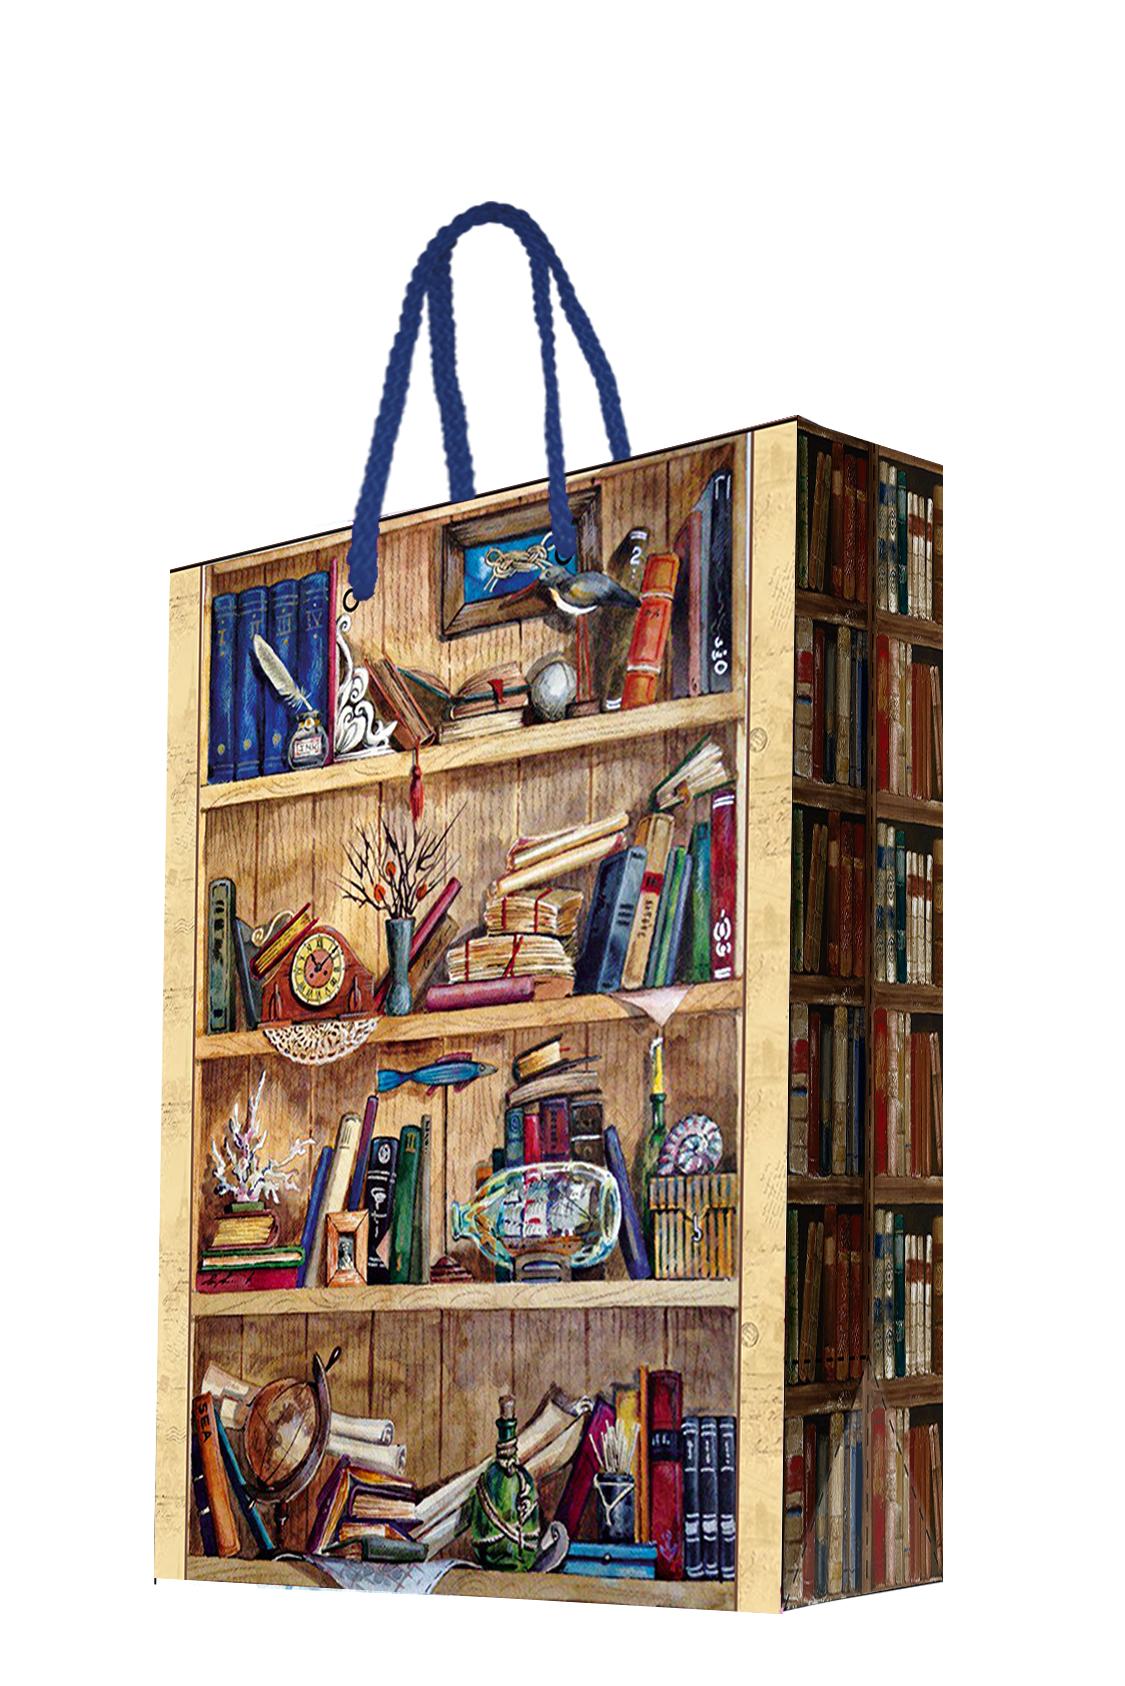 Пакет подарочный Magic Home Книжные полки, 17,8 х 22,9 х 9,8 см44178Бумажный подарочный пакет для сувенирной продукции размером 17,8*22,9*9,8 см изготовлен из плотной бумаги. Плотность бумаги 140г/м2. Дно укреплено картоном, который позволяет сохранить форму пакета и исключает возможность деформации дна под тяжестью подарка. Пакет выполнен с глянцевой ламинацией, что придает ему прочность, а изображению - фактуру, яркость и насыщенность цветов. Для удобной переноски имеются две ручки из шнурков.